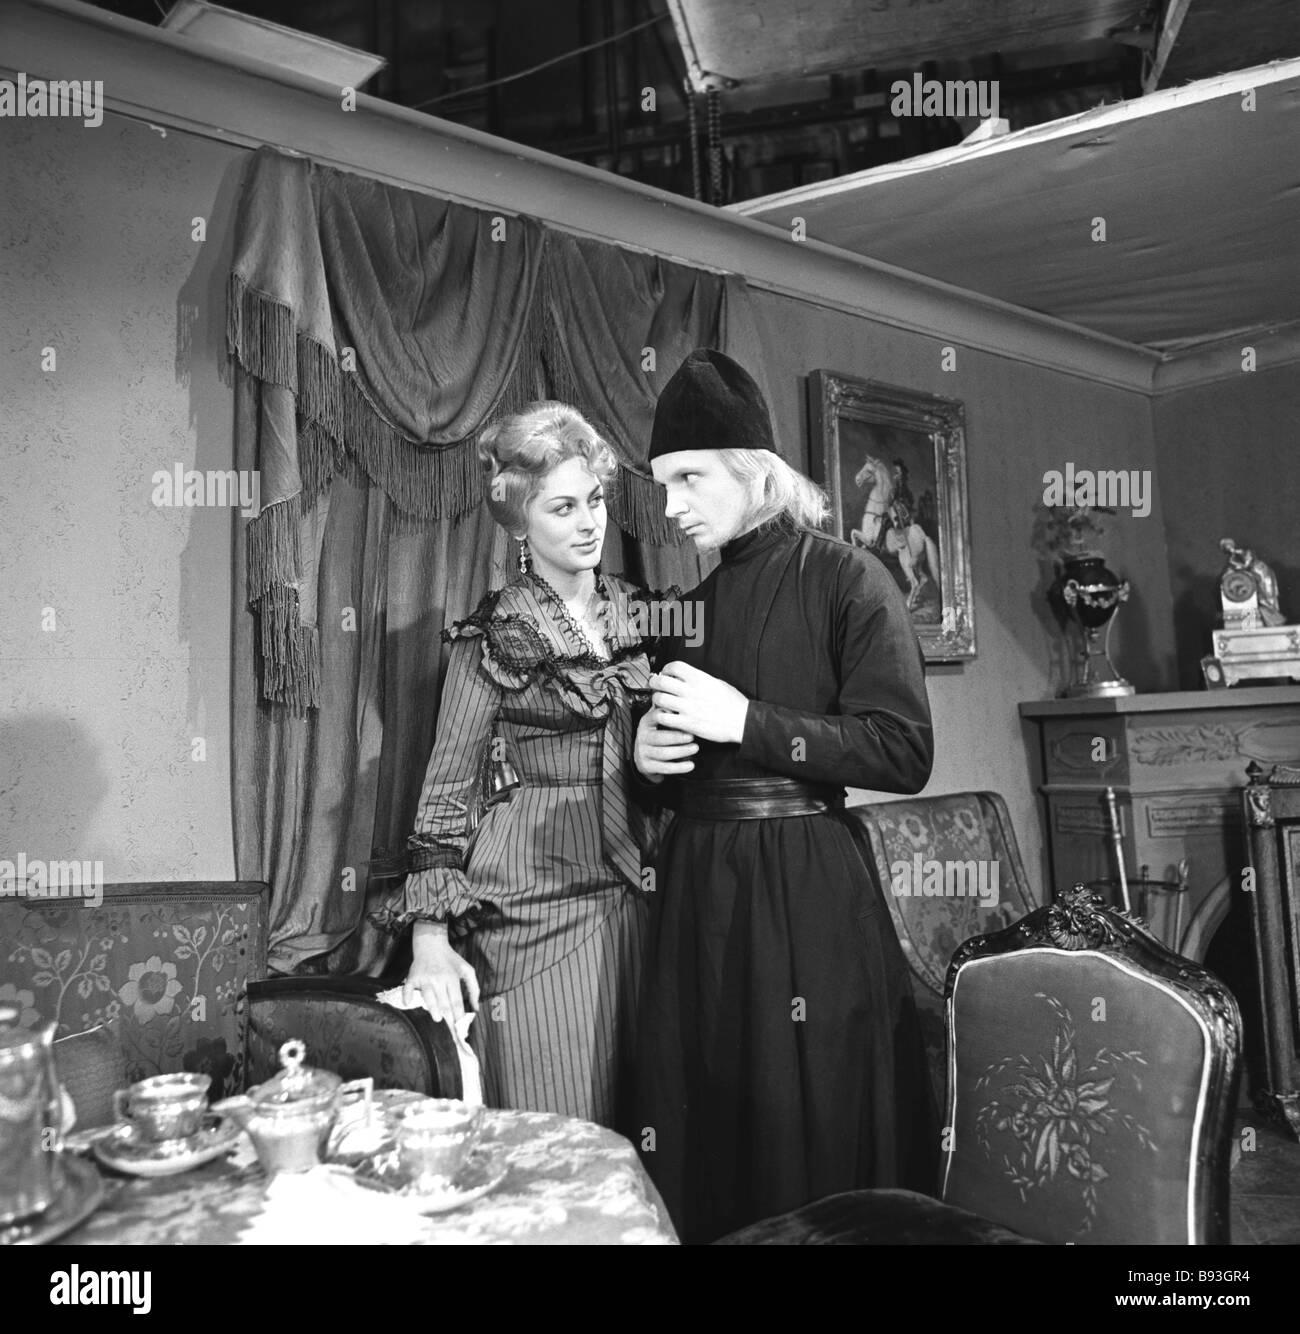 A still from the movie The Brothers Karamazov directed by Ivan Pyriev in 1968 Actress Svetlana Korkoshko as Katerina - Stock Image